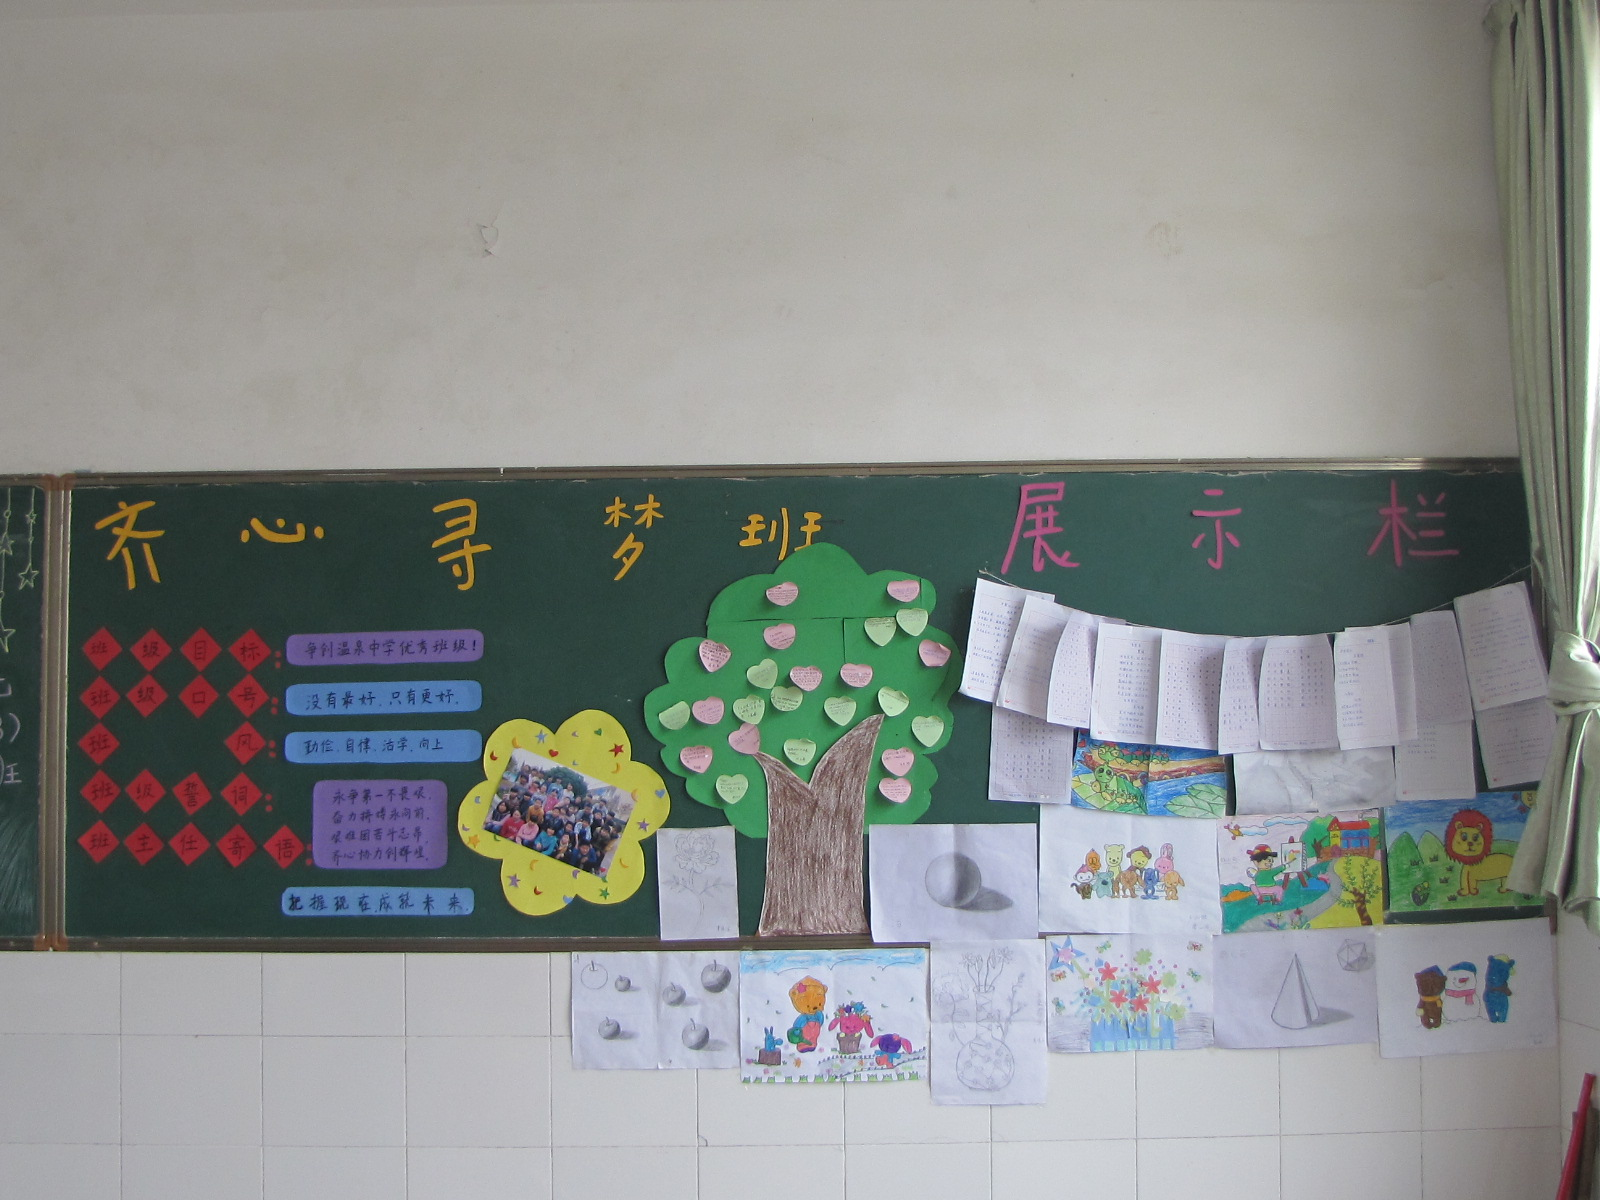 高中教室墙报设计图展示